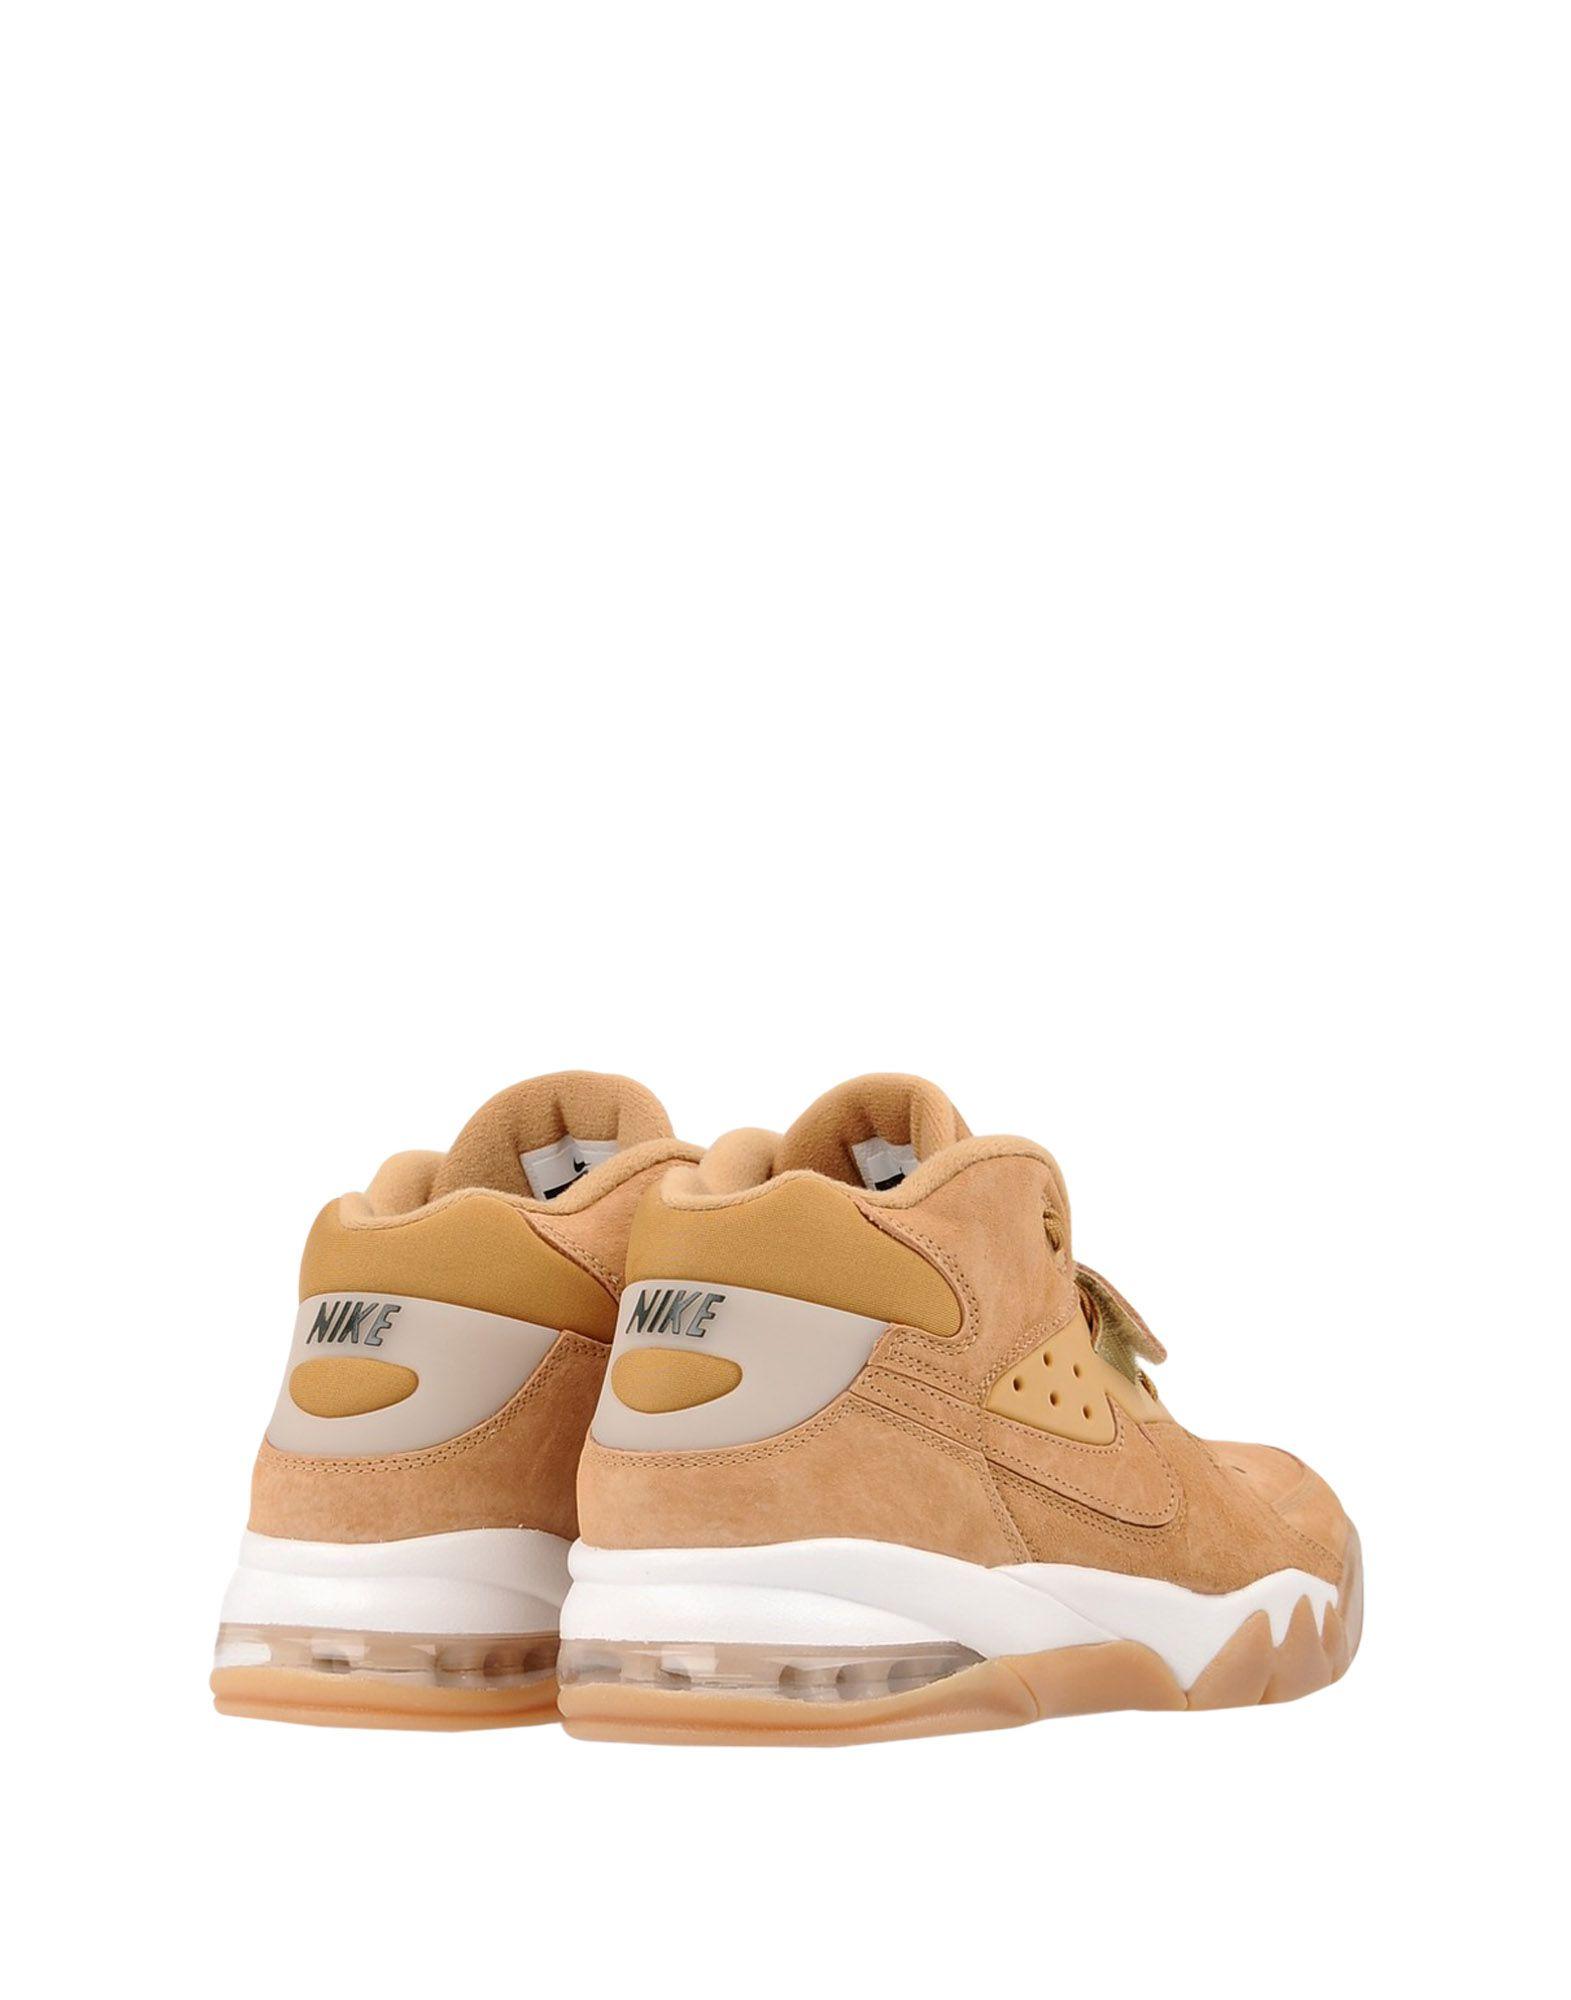 Sneakers Nike Air Force Max Premium - Homme - Sneakers Nike sur